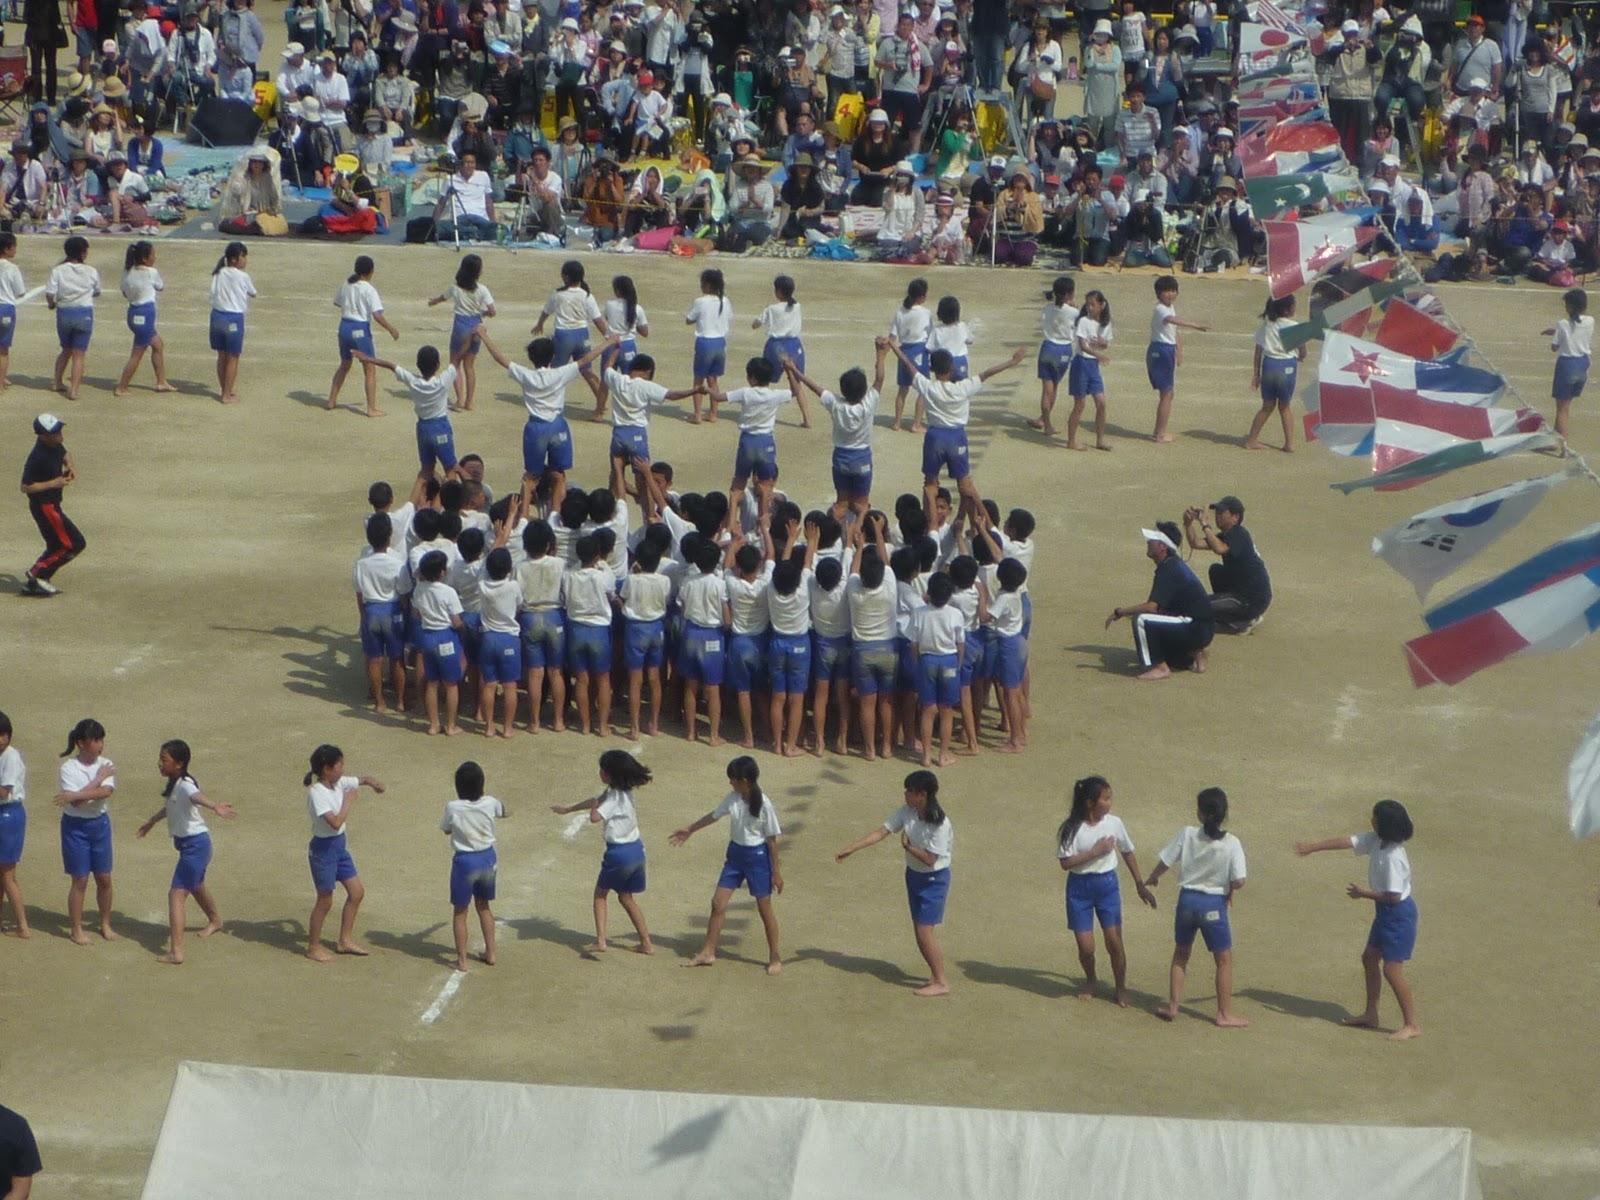 はやしま一貫教育ブログ: 6年生組体操 はやしま一貫教育ブログ 2014年5月26日月曜日 6年